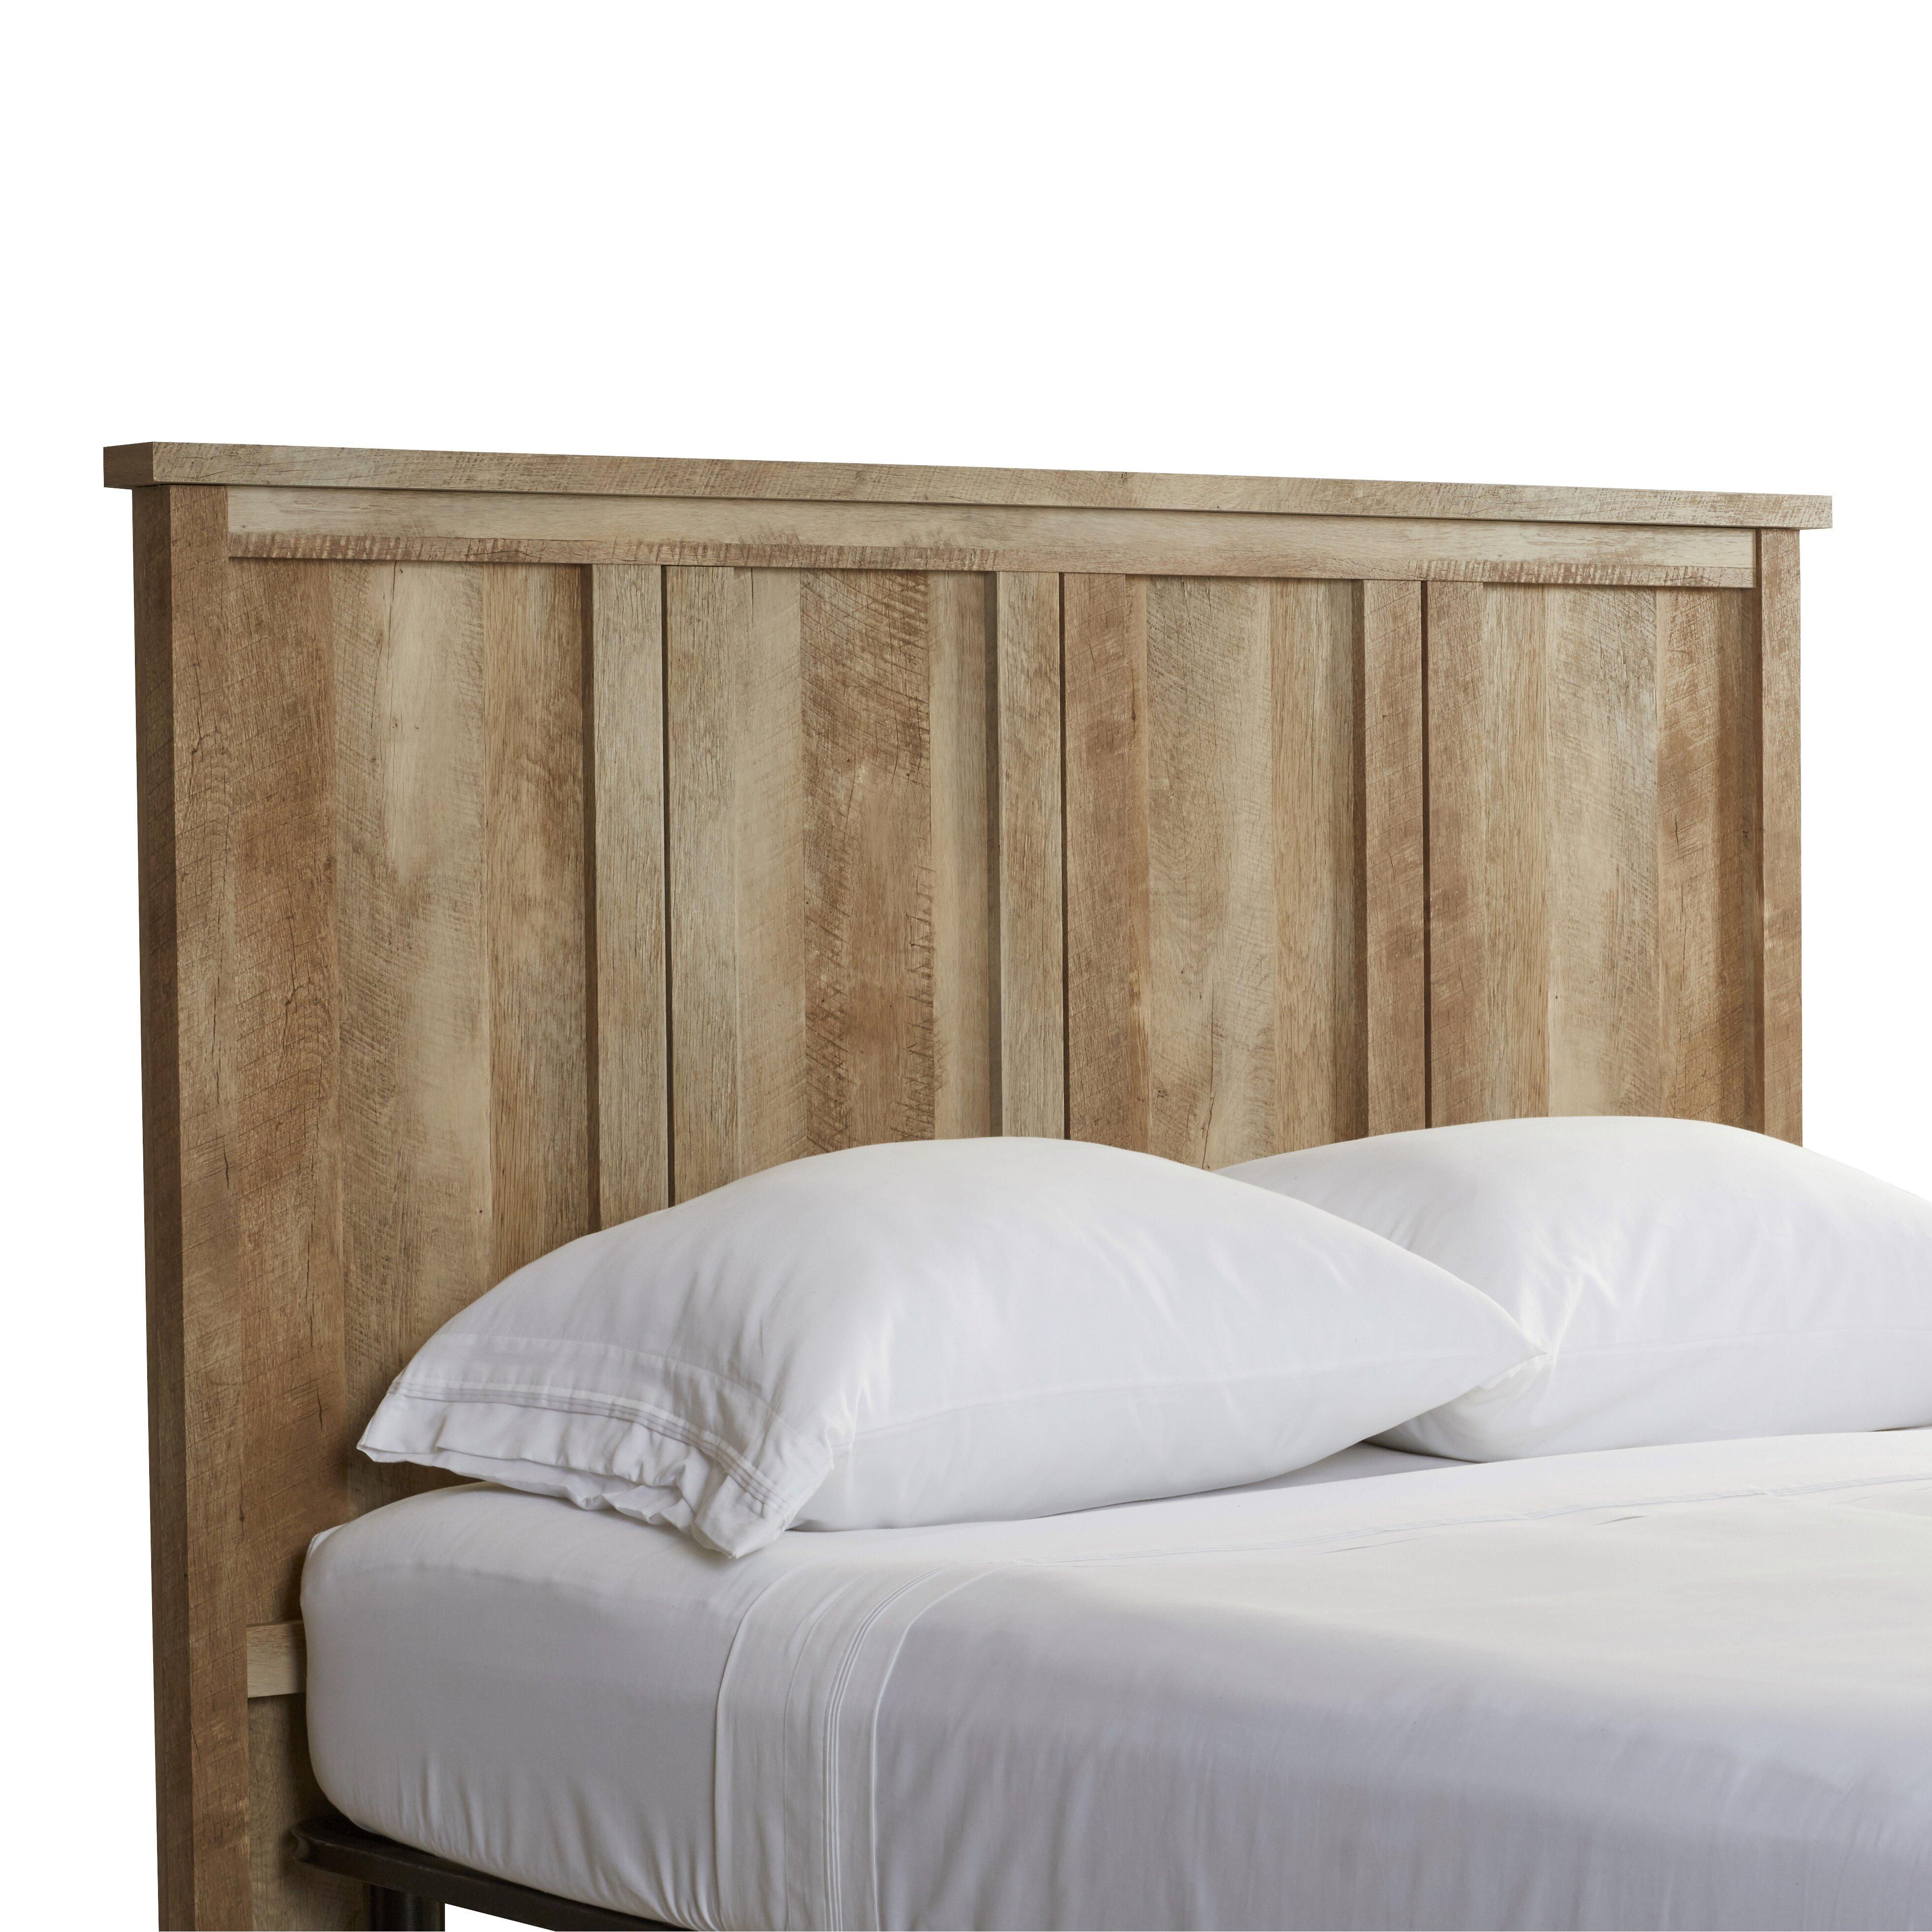 Loon Peak Sunlight Spire Full Wood Headboard & Reviews  Wayfair